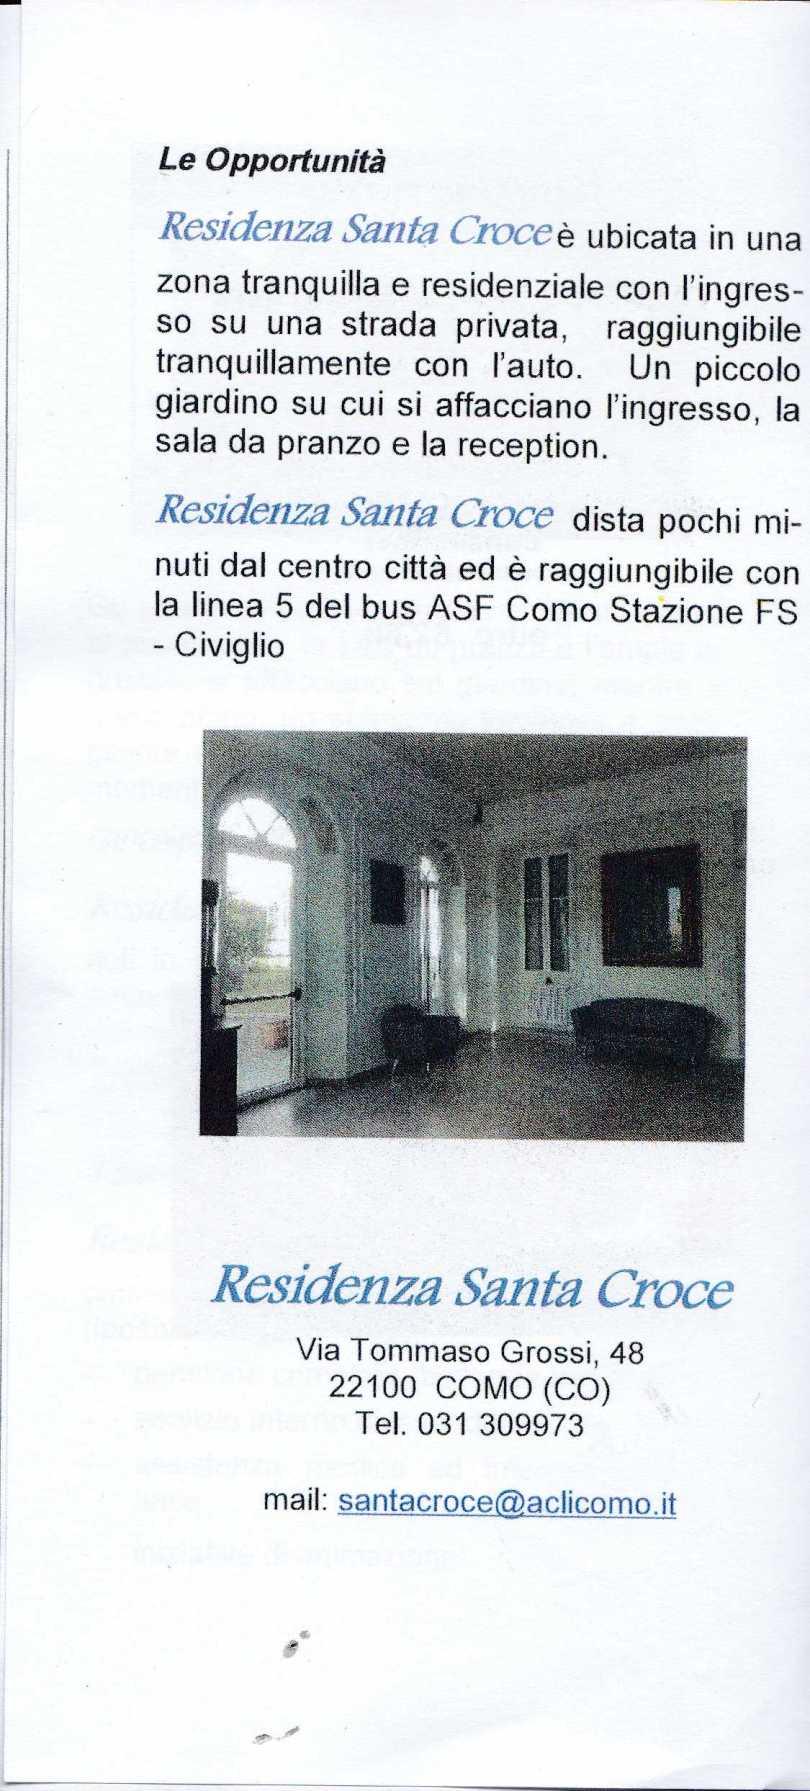 residenza santa croce3449